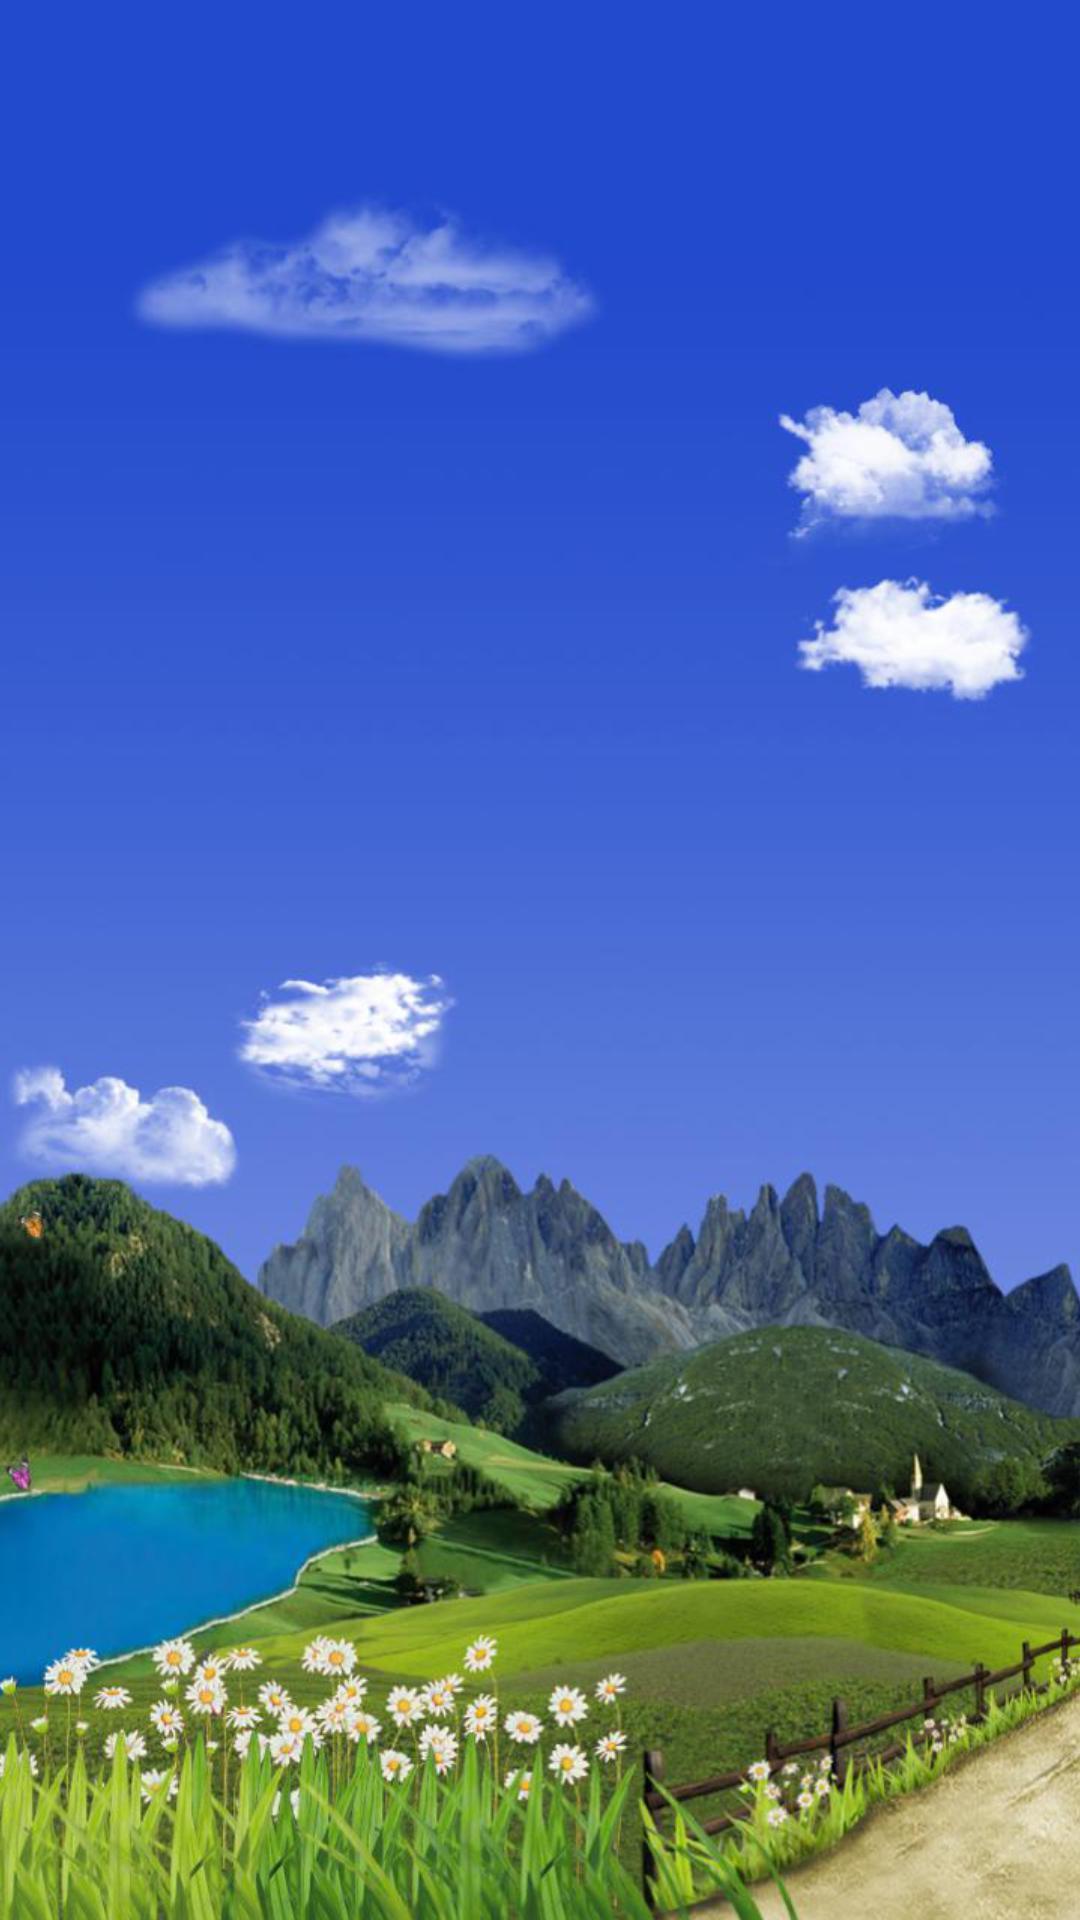 美丽山水主题动态壁纸截图2